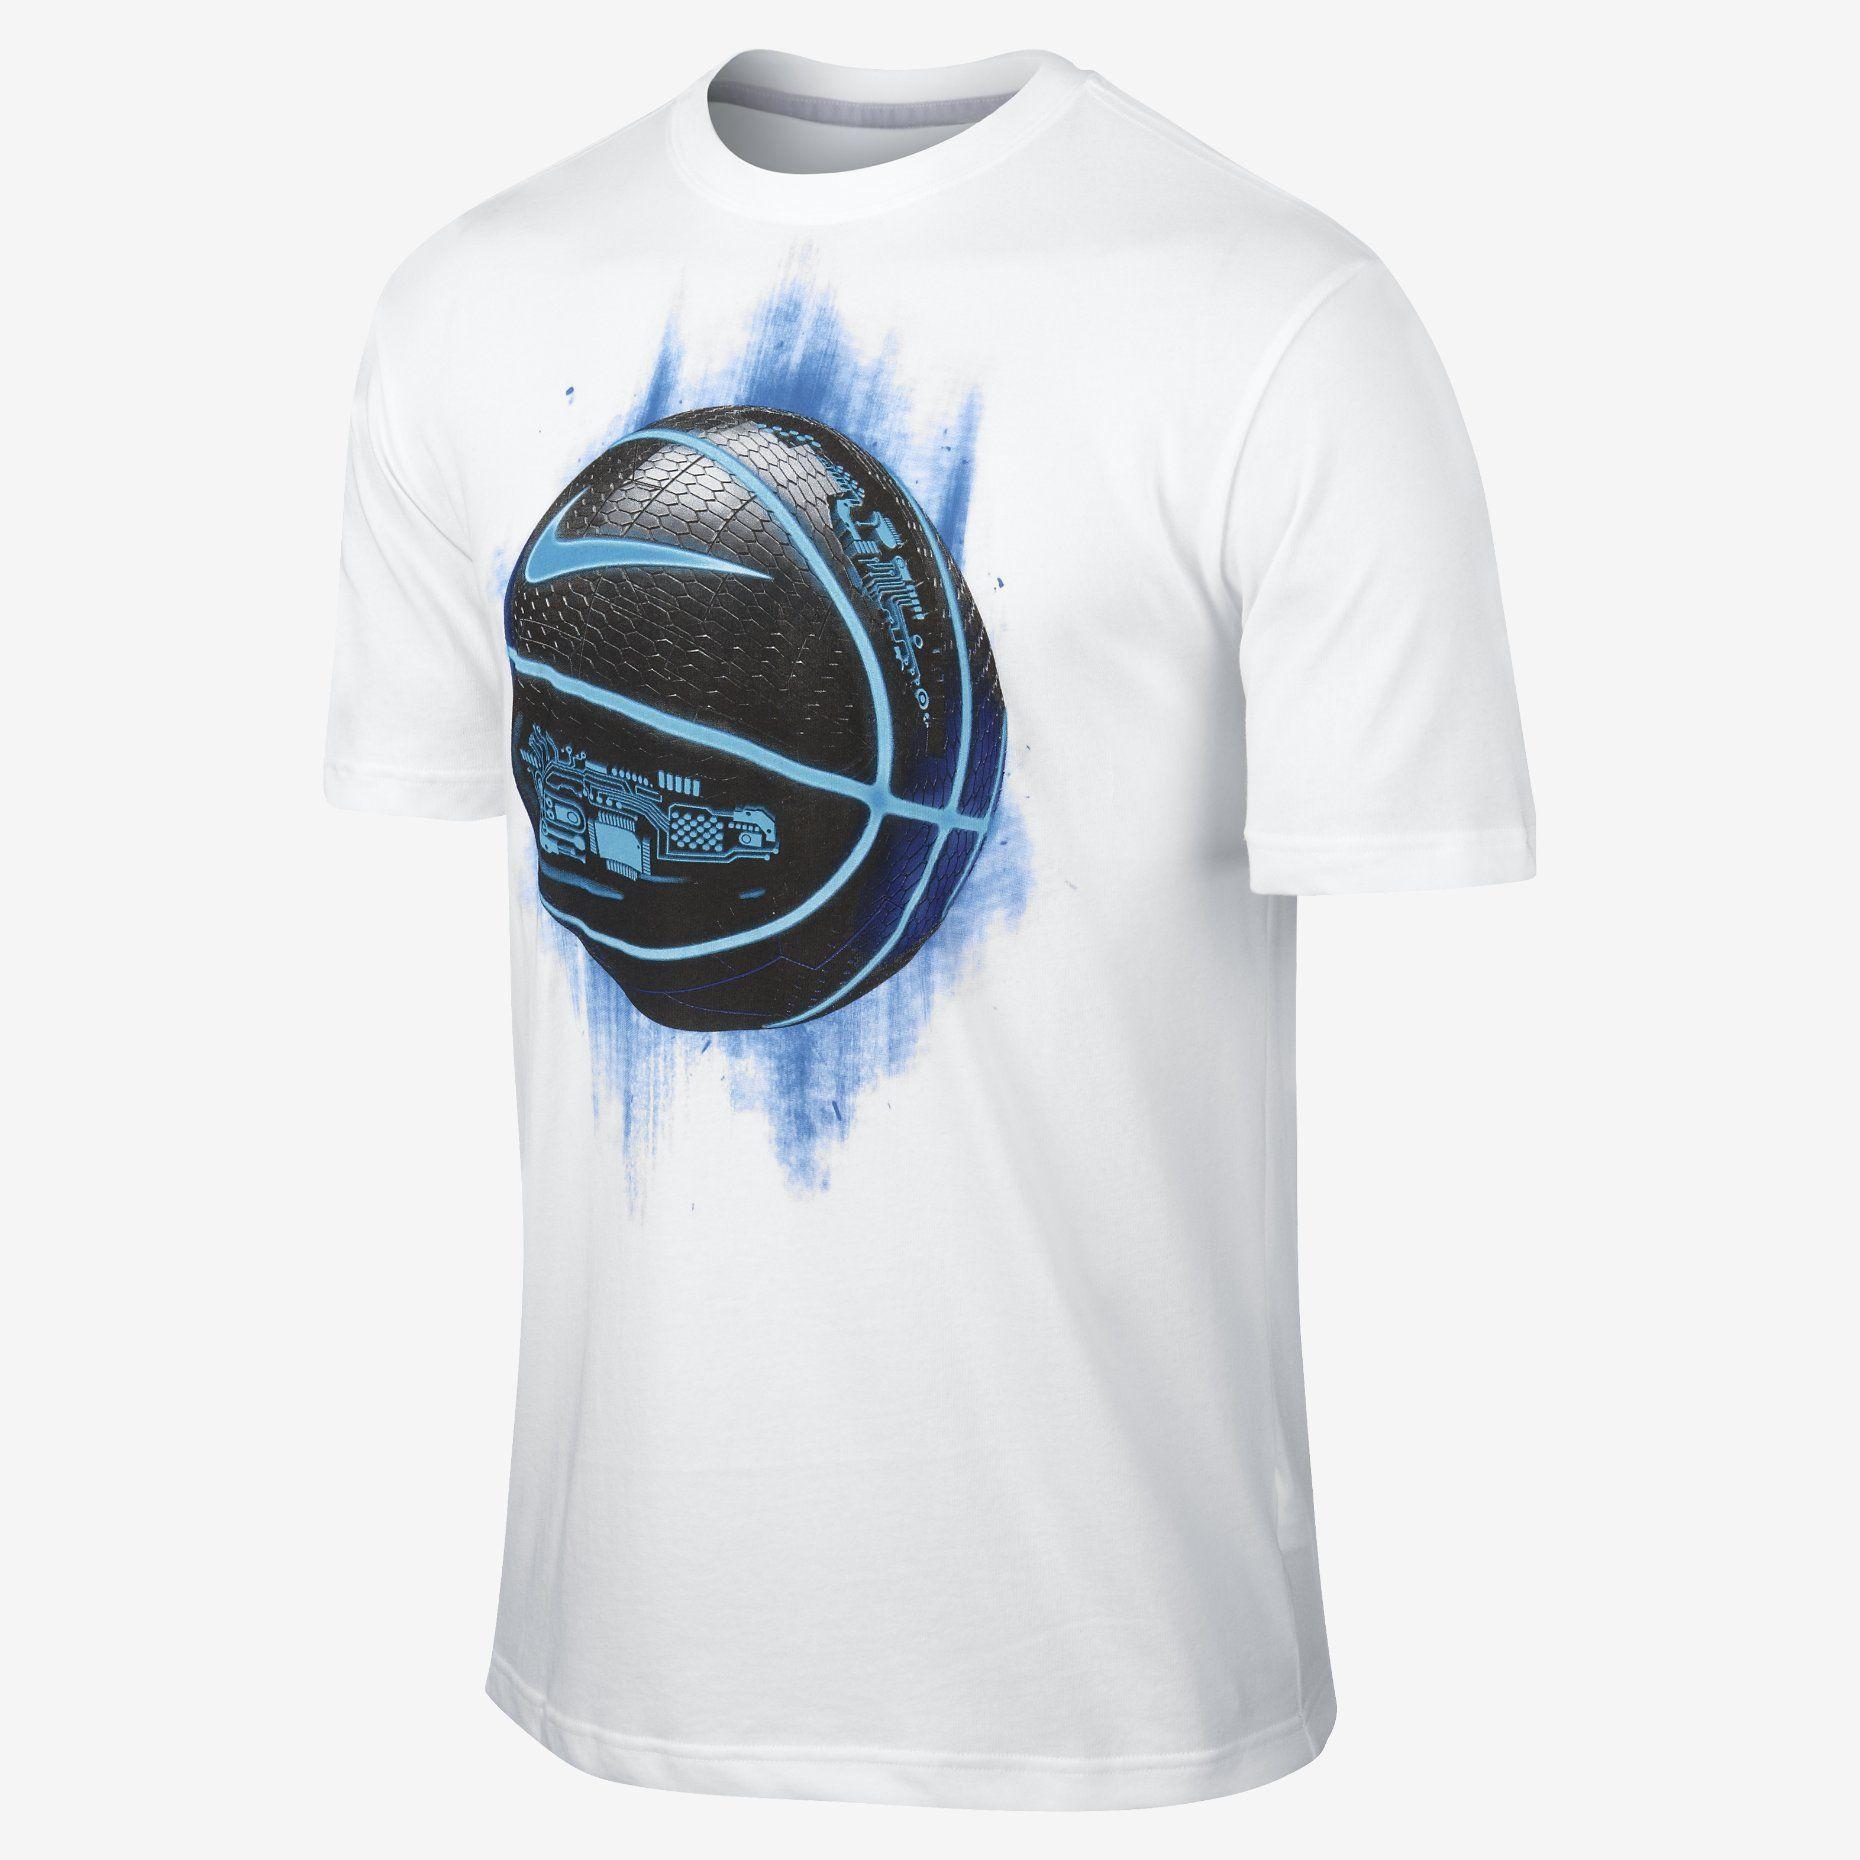 Design t shirt nike - Nike Circuit Glow Ball Men S T Shirt Nike Store